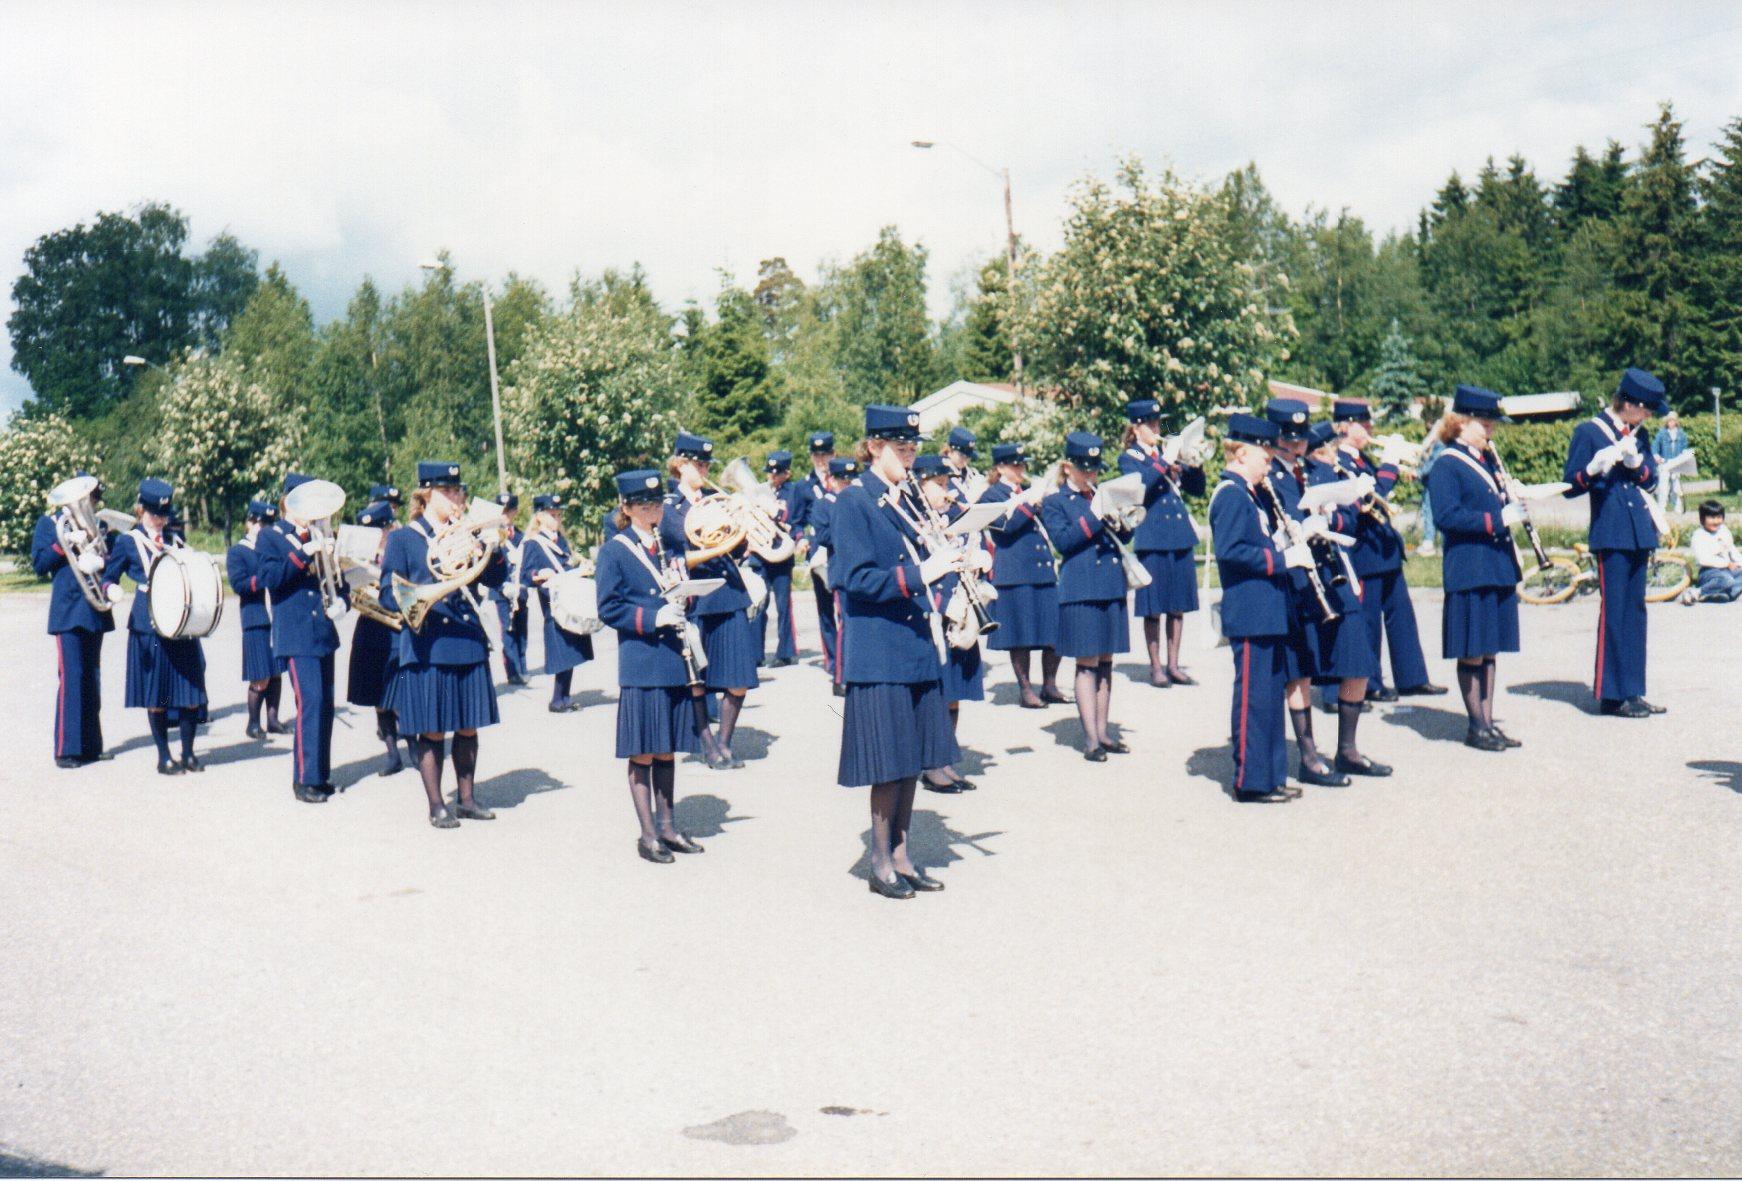 Skjærgårdsfestivalen 87